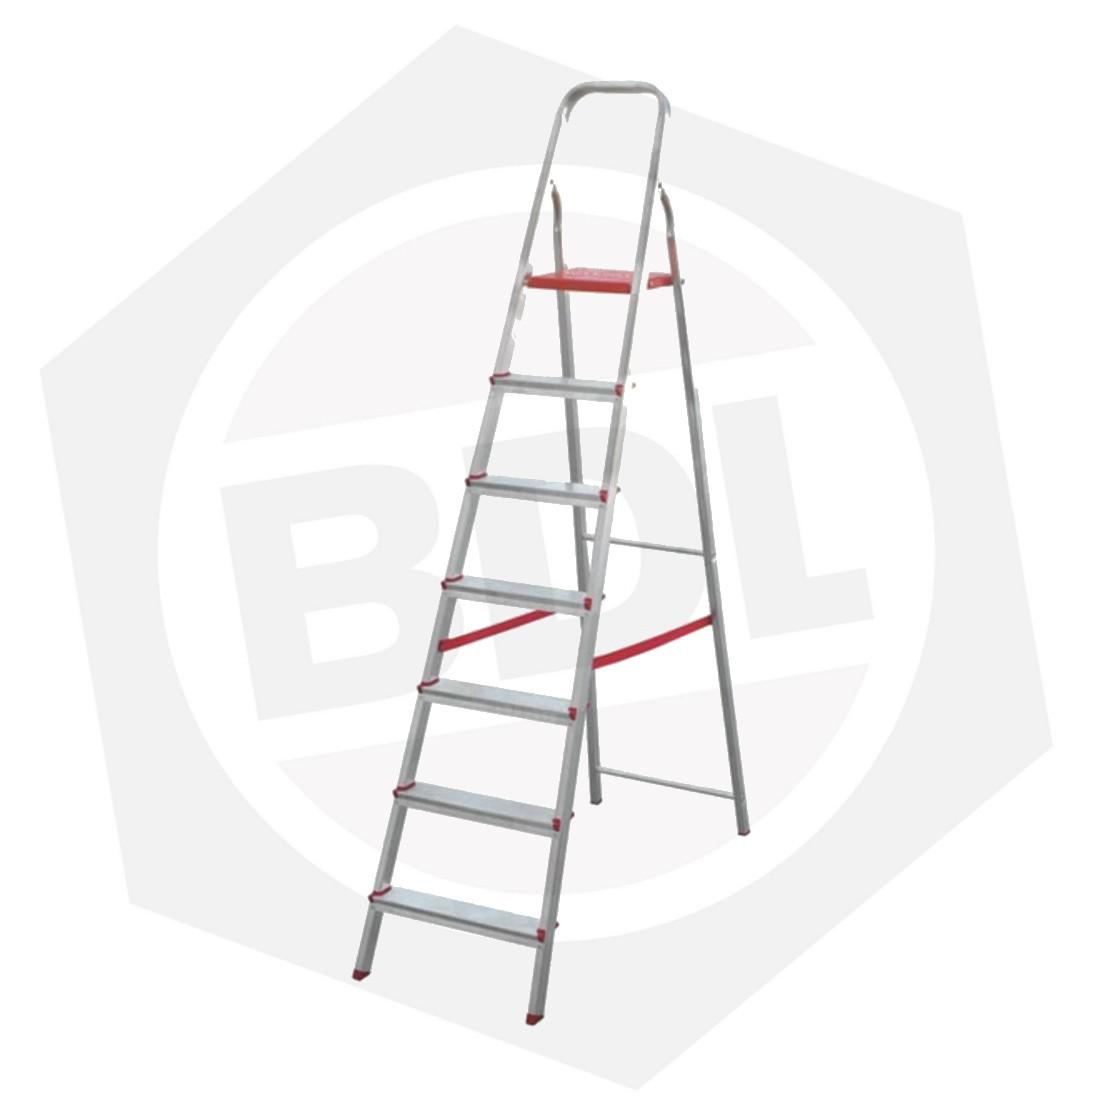 OFERTA - 15% DE DESCUENTO - Escalera de Aluminio Familiar con Arco FMT - 7 Escalones